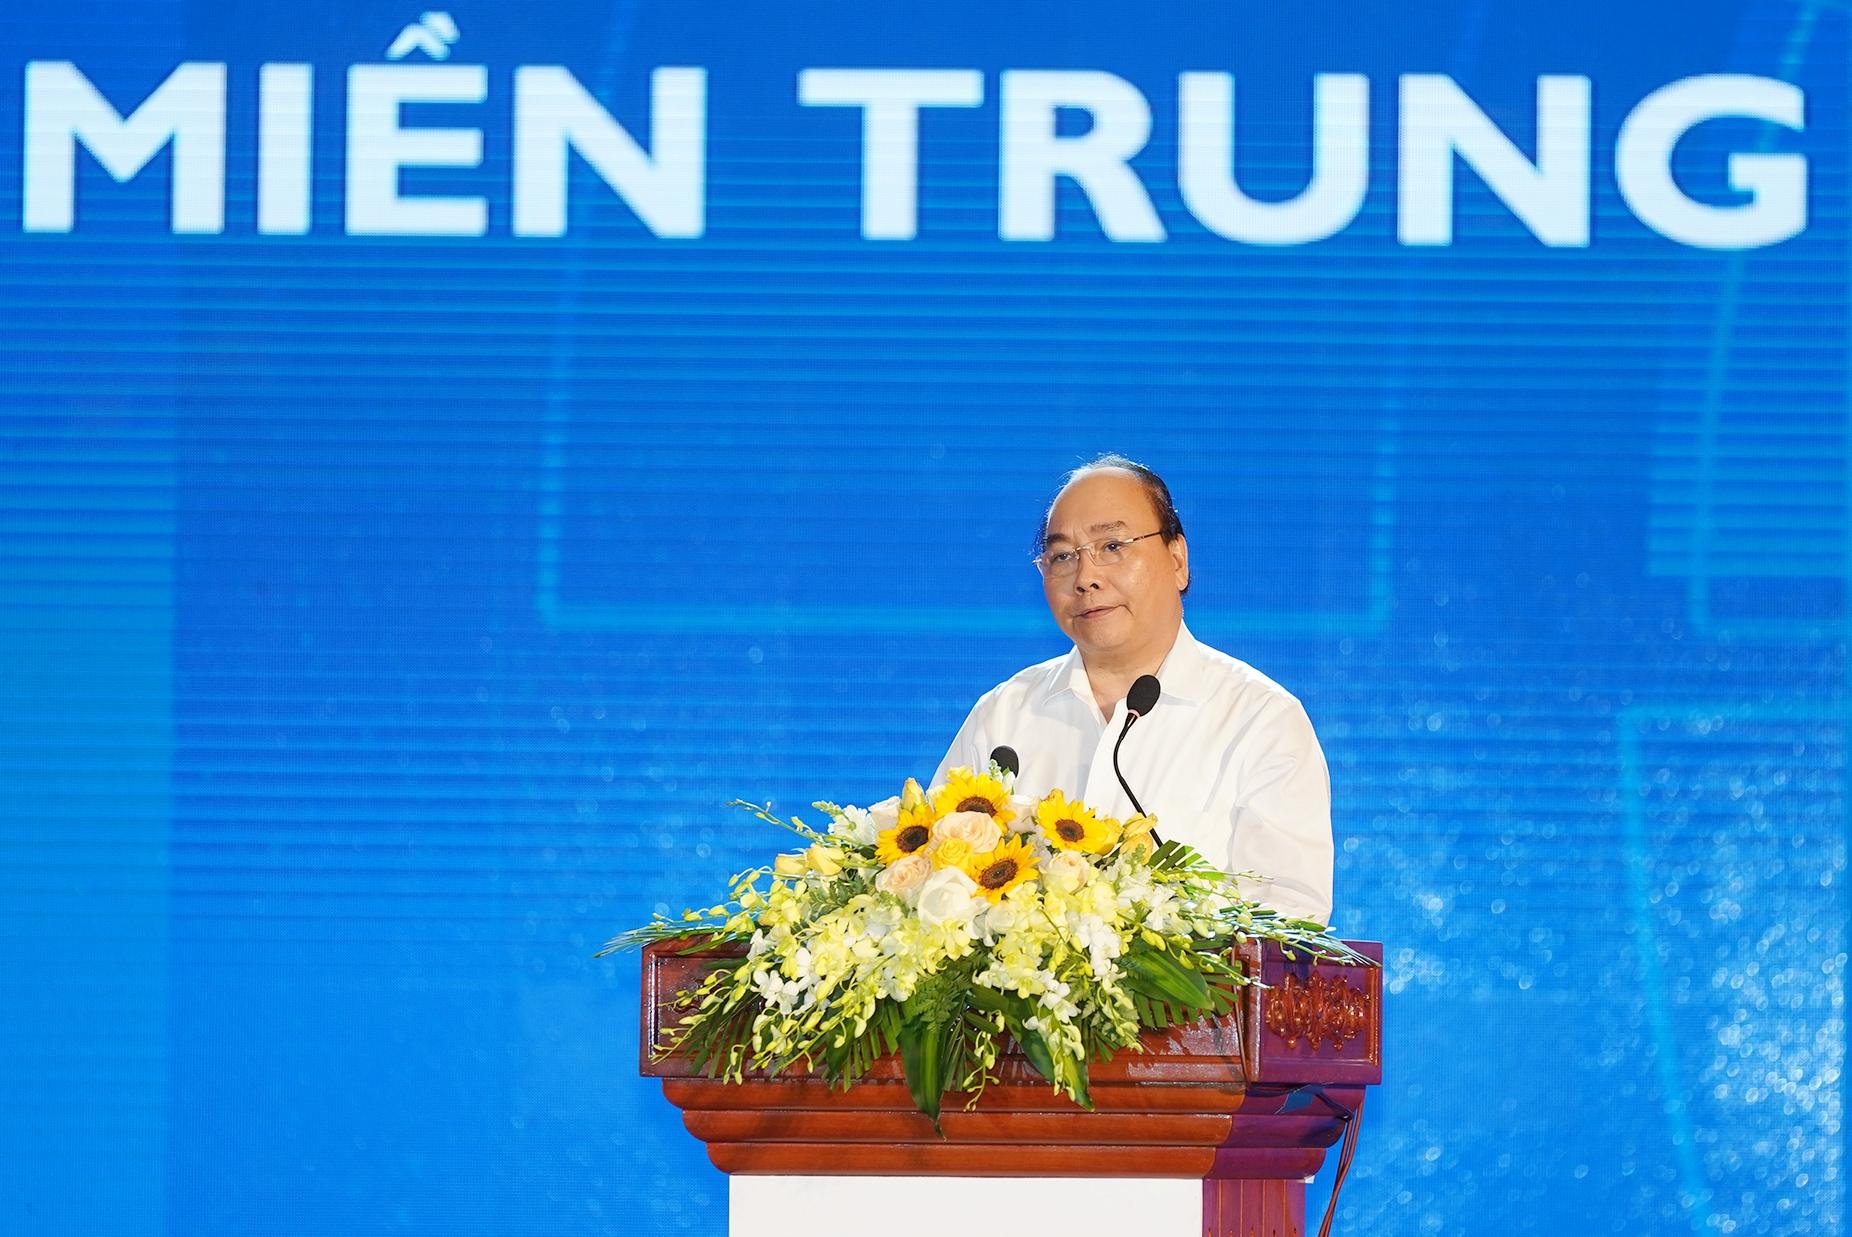 Thủ tướng: Người miền Trung giàu và giỏi cần đóng góp phát triển quê hương